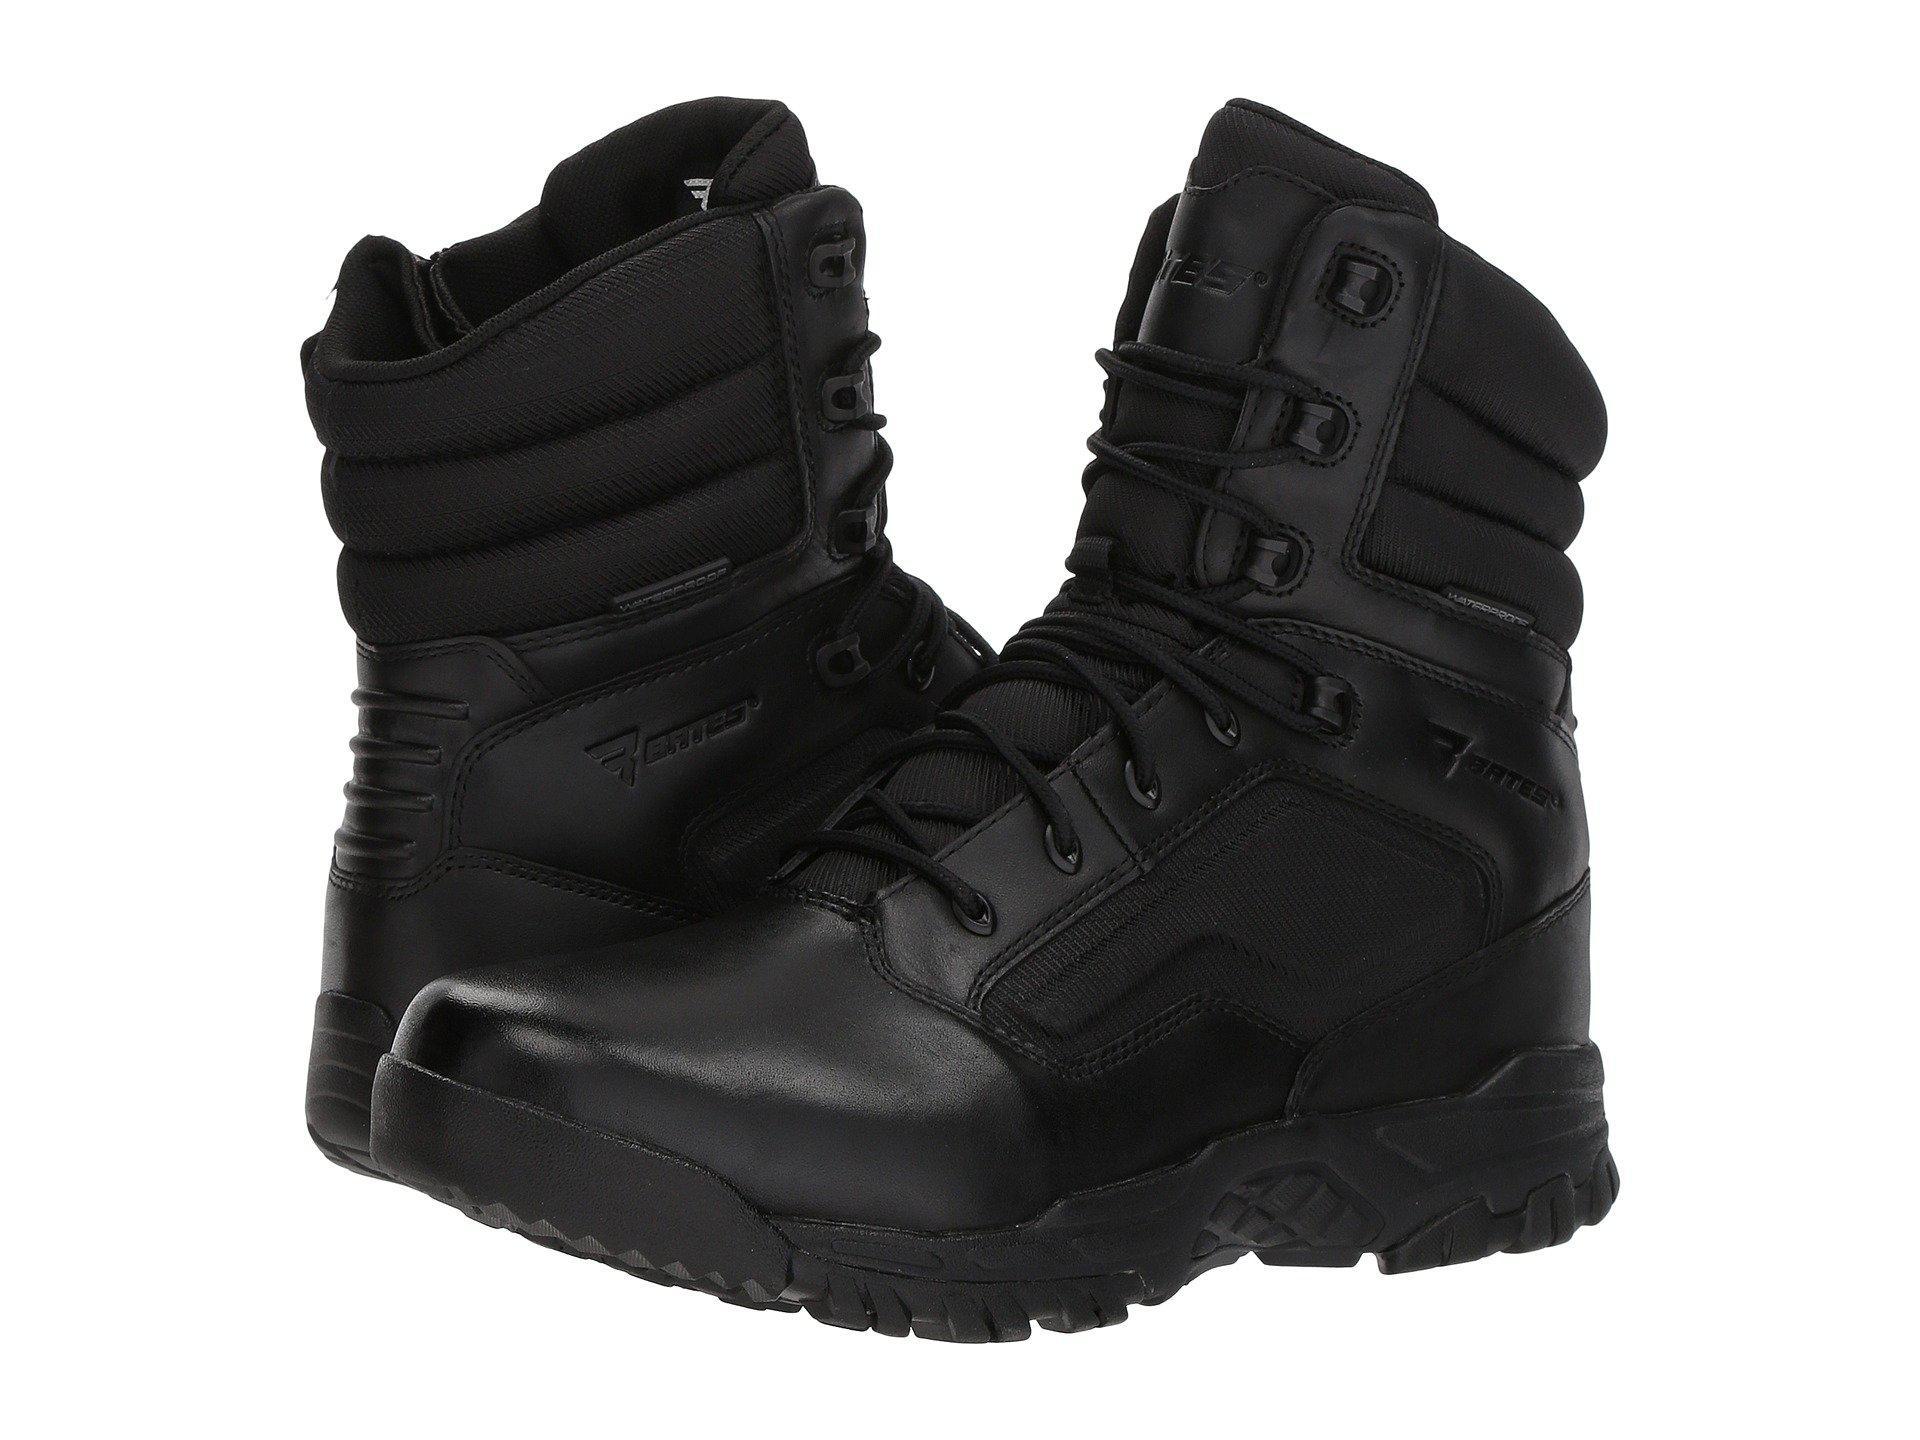 Bates FootwearSeige 8 Waterproof Side Zip JutFmiI5